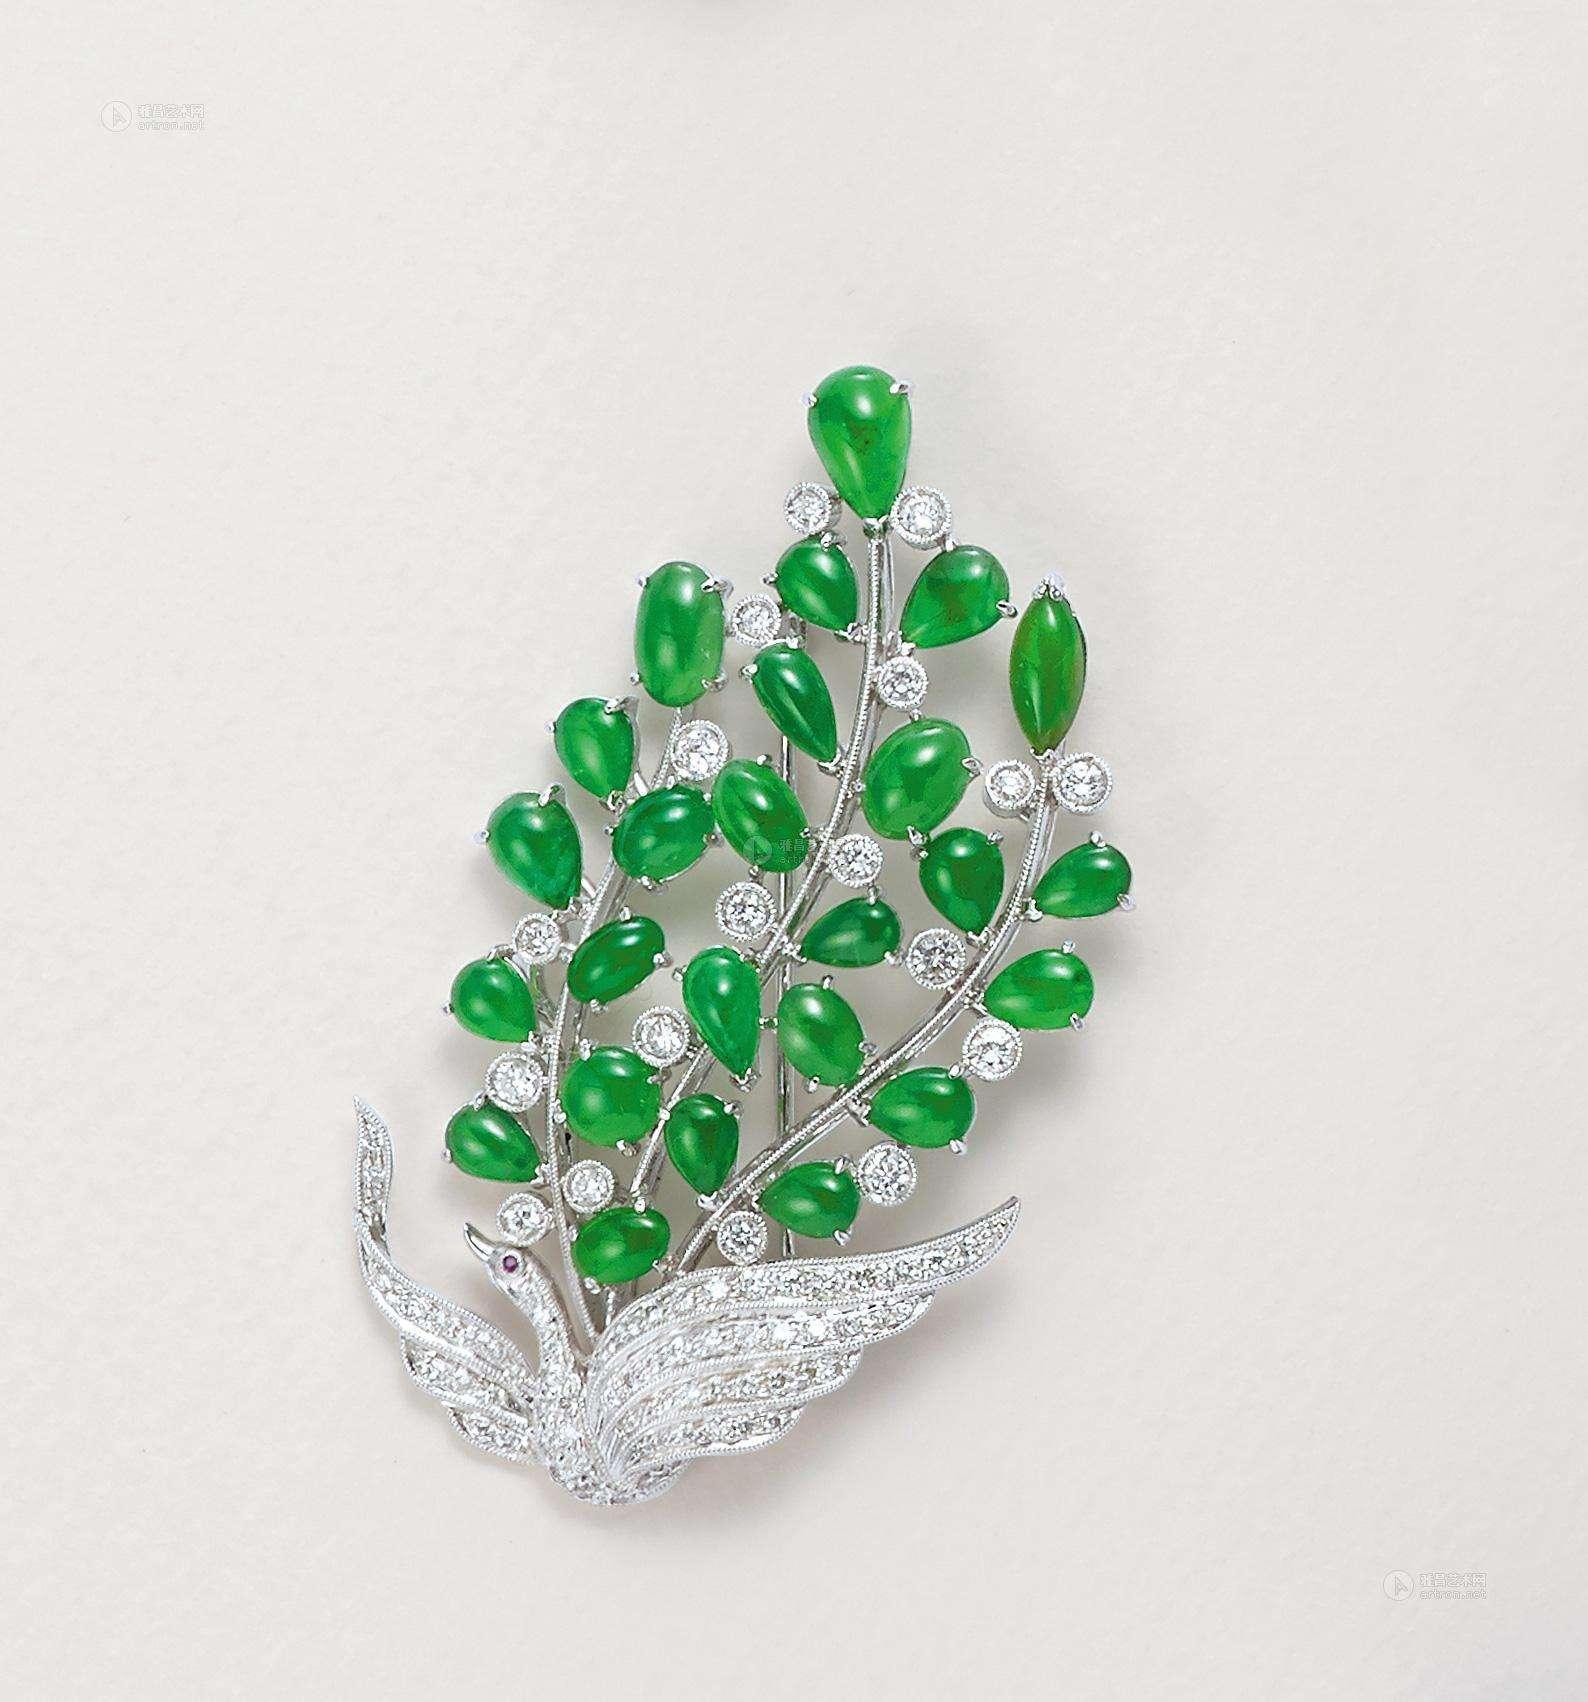 翡翠首饰与钻石首饰如何搭配